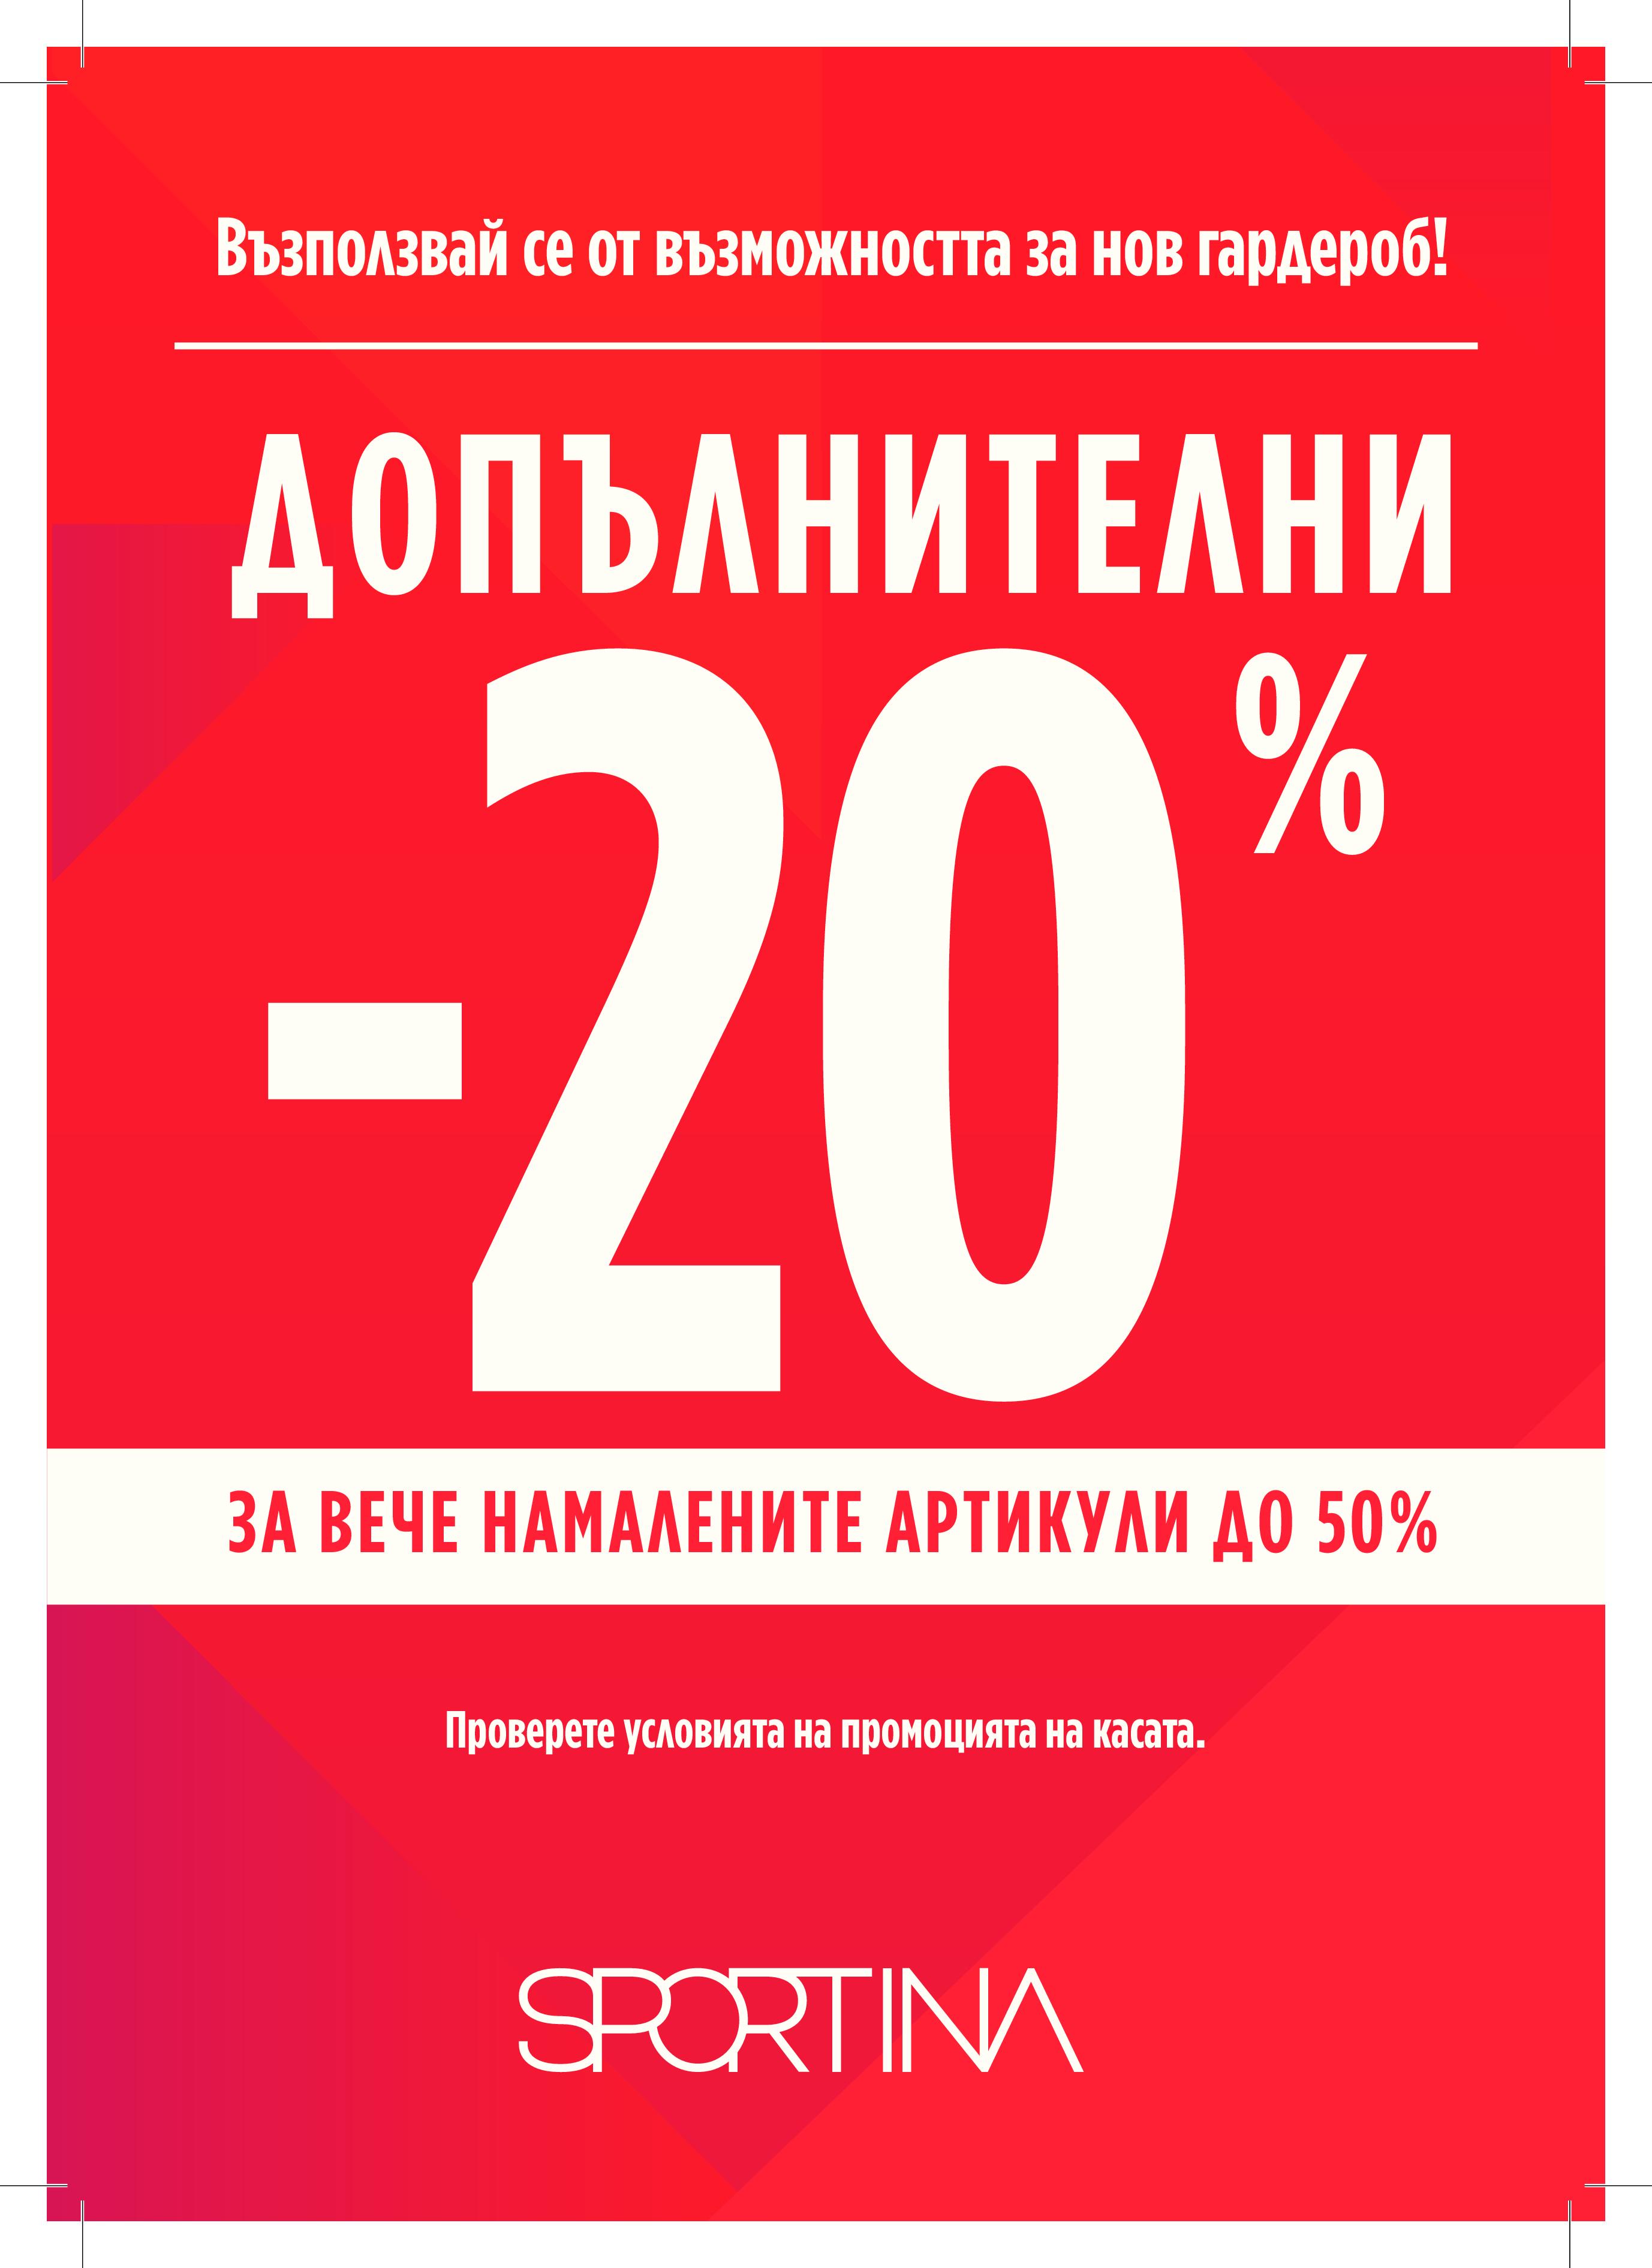 Още по-ниски цени в магазин Sportina!